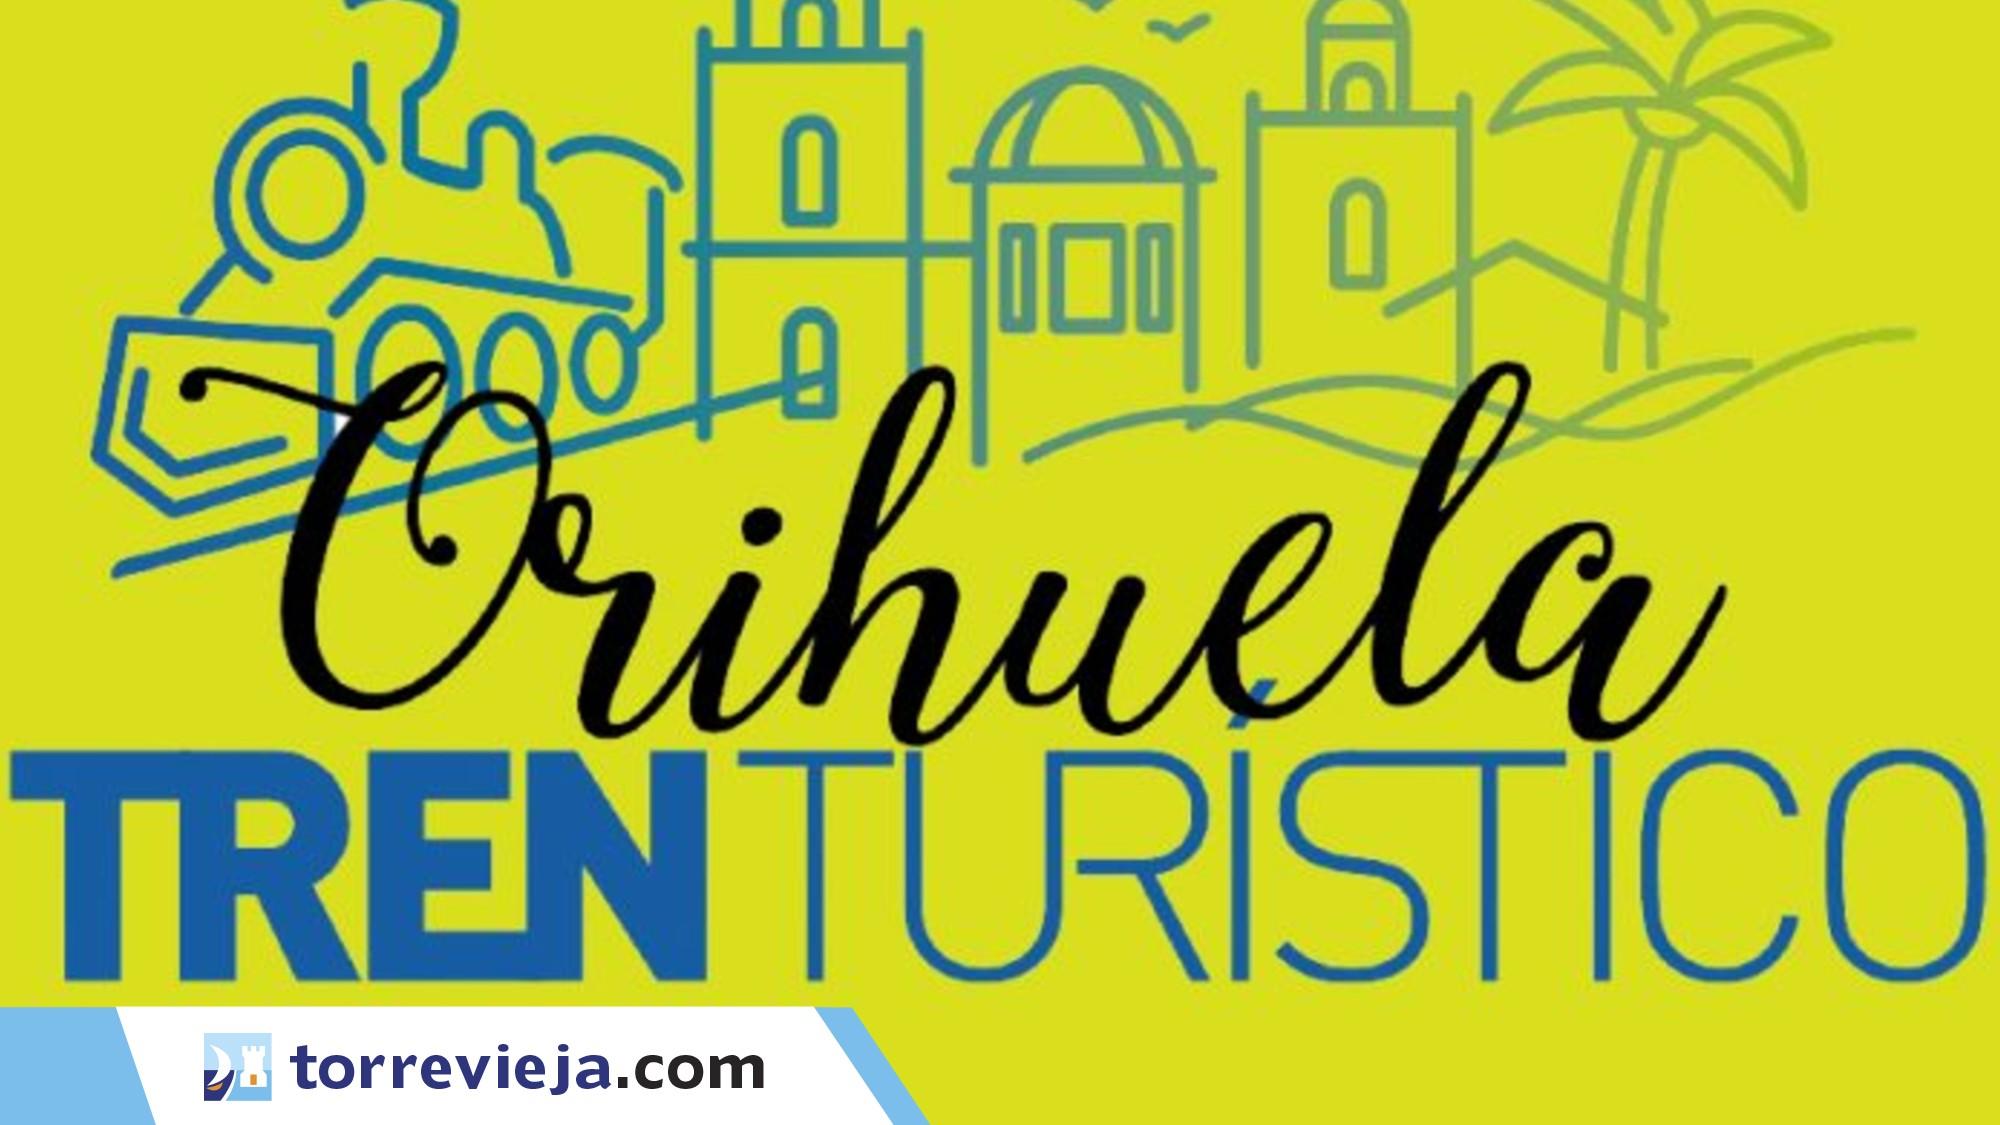 tren turistico Orihuela Costa